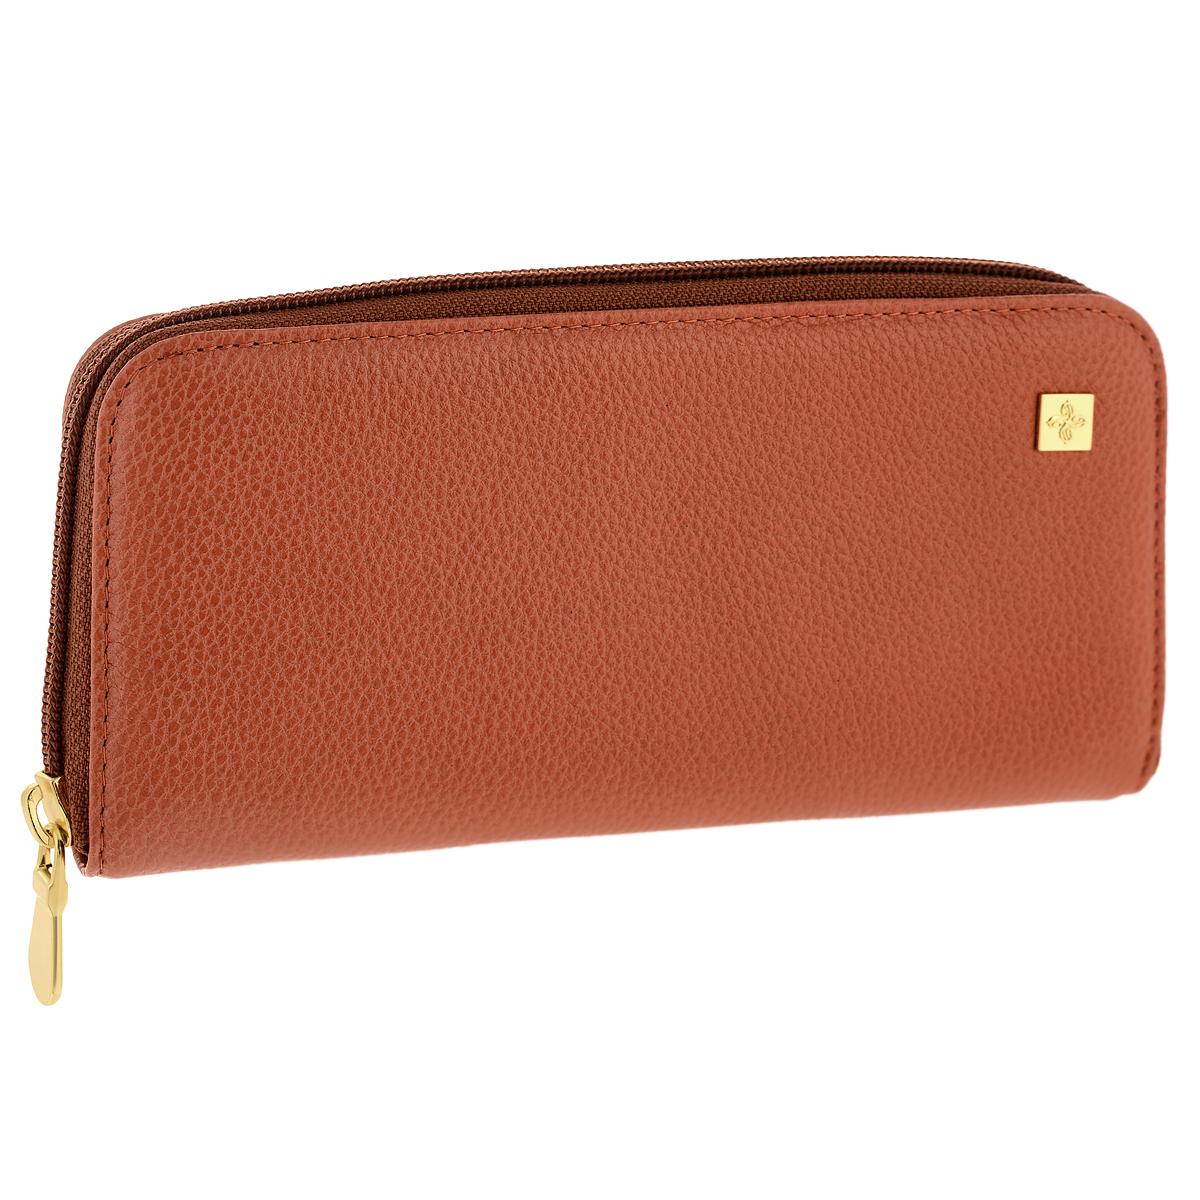 Портмоне женское Dimanche Corail, цвет: коралловый. 946946Стильное женское портмоне Corail выполнено из высококачественной натуральной кожи с матовой поверхностью. Портмоне закрывается на застежку-молнию. Внутри - четыре отделения для купюр, шесть кармашков для визиток, карман на молнии для монет, горизонтальный карман для чеков и бумаг, вшитый кармашек на молнии и шесть кармашков для визиток или кредитных карт. Портмоне упаковано в фирменную картонную коробку.